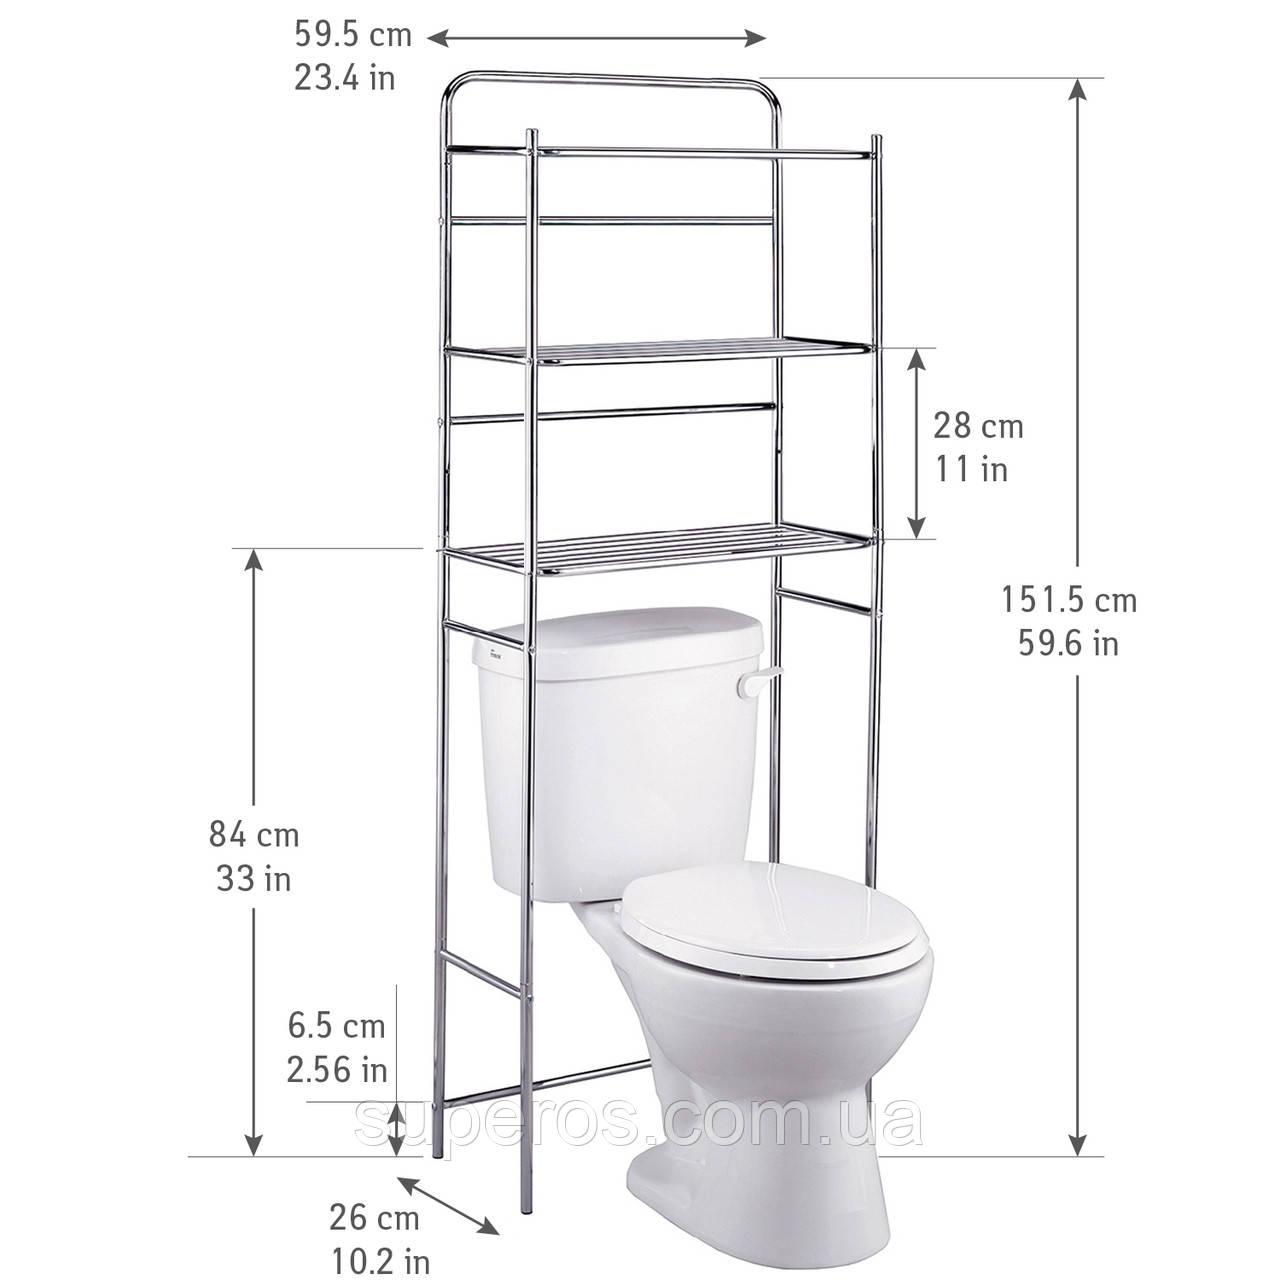 Полиця для туалету Tatkraft 3х ярусна підлогова з хромованої сталі 59.5х151.5х26 см (13292)